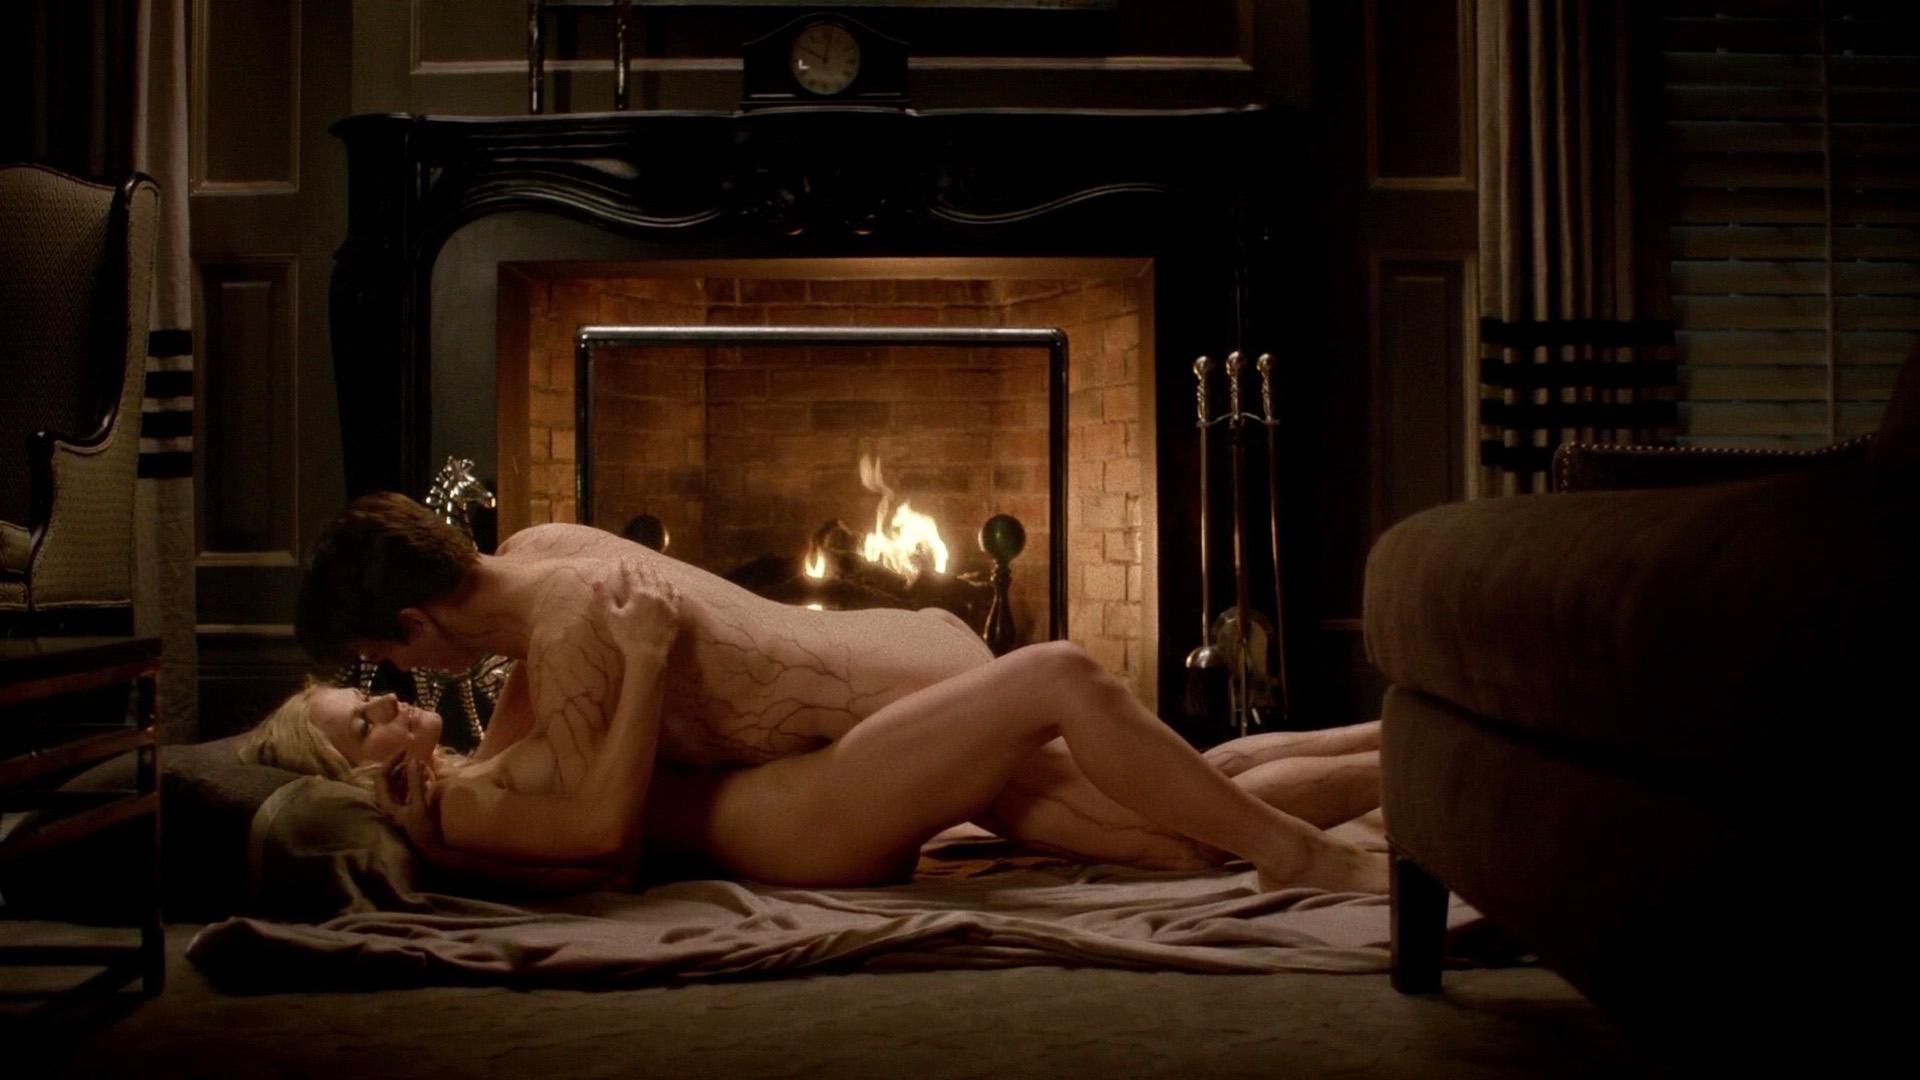 anna-paquin-nude-scene